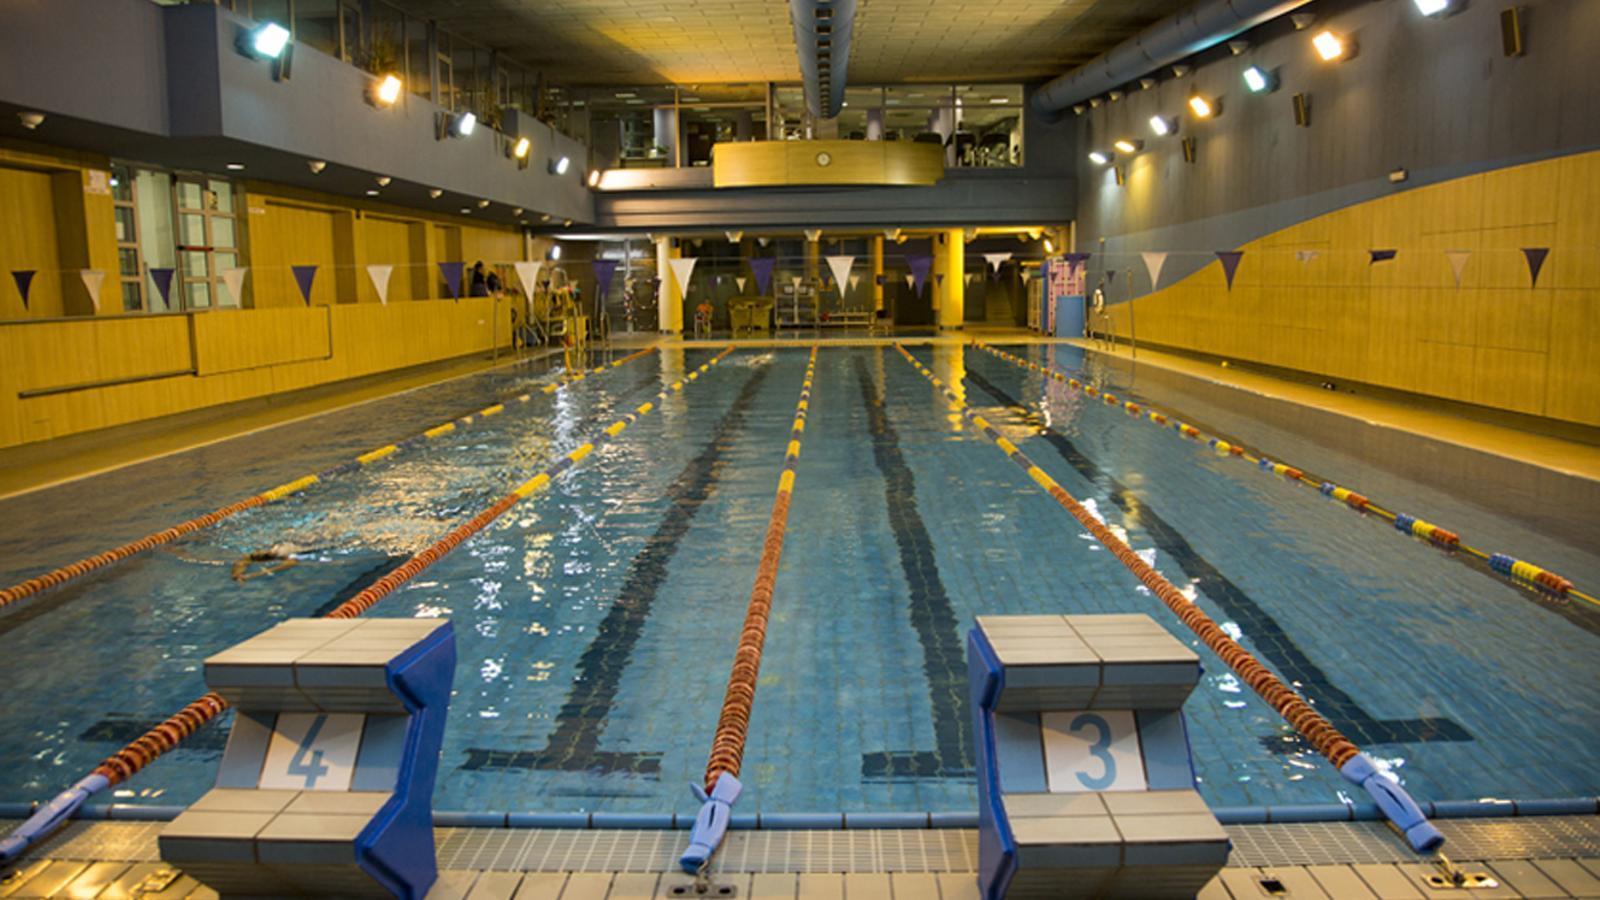 Les instal·lacions esportives d'Escaldes-Engordany. / COMÚ D'ESCALDES-ENGORDANY